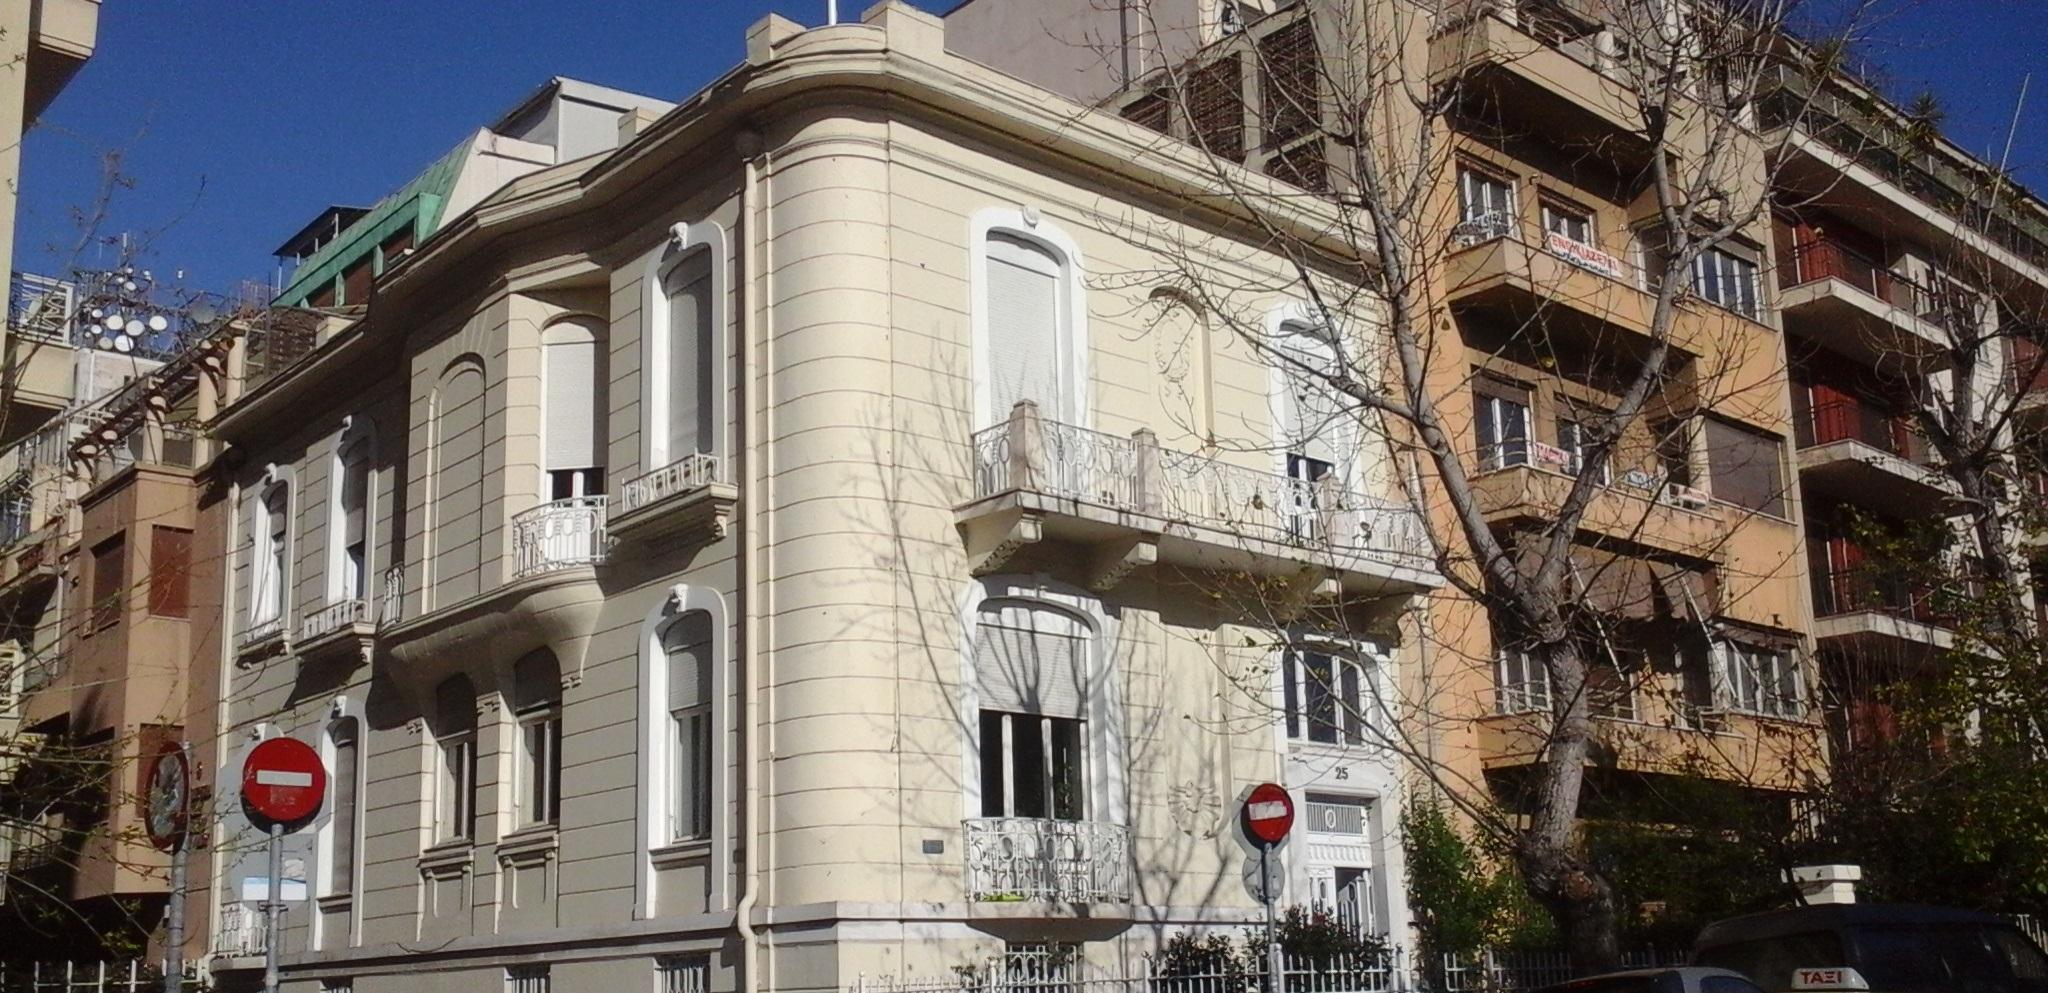 Το ανανεωμένο μας κτίριο στην Αθήνα